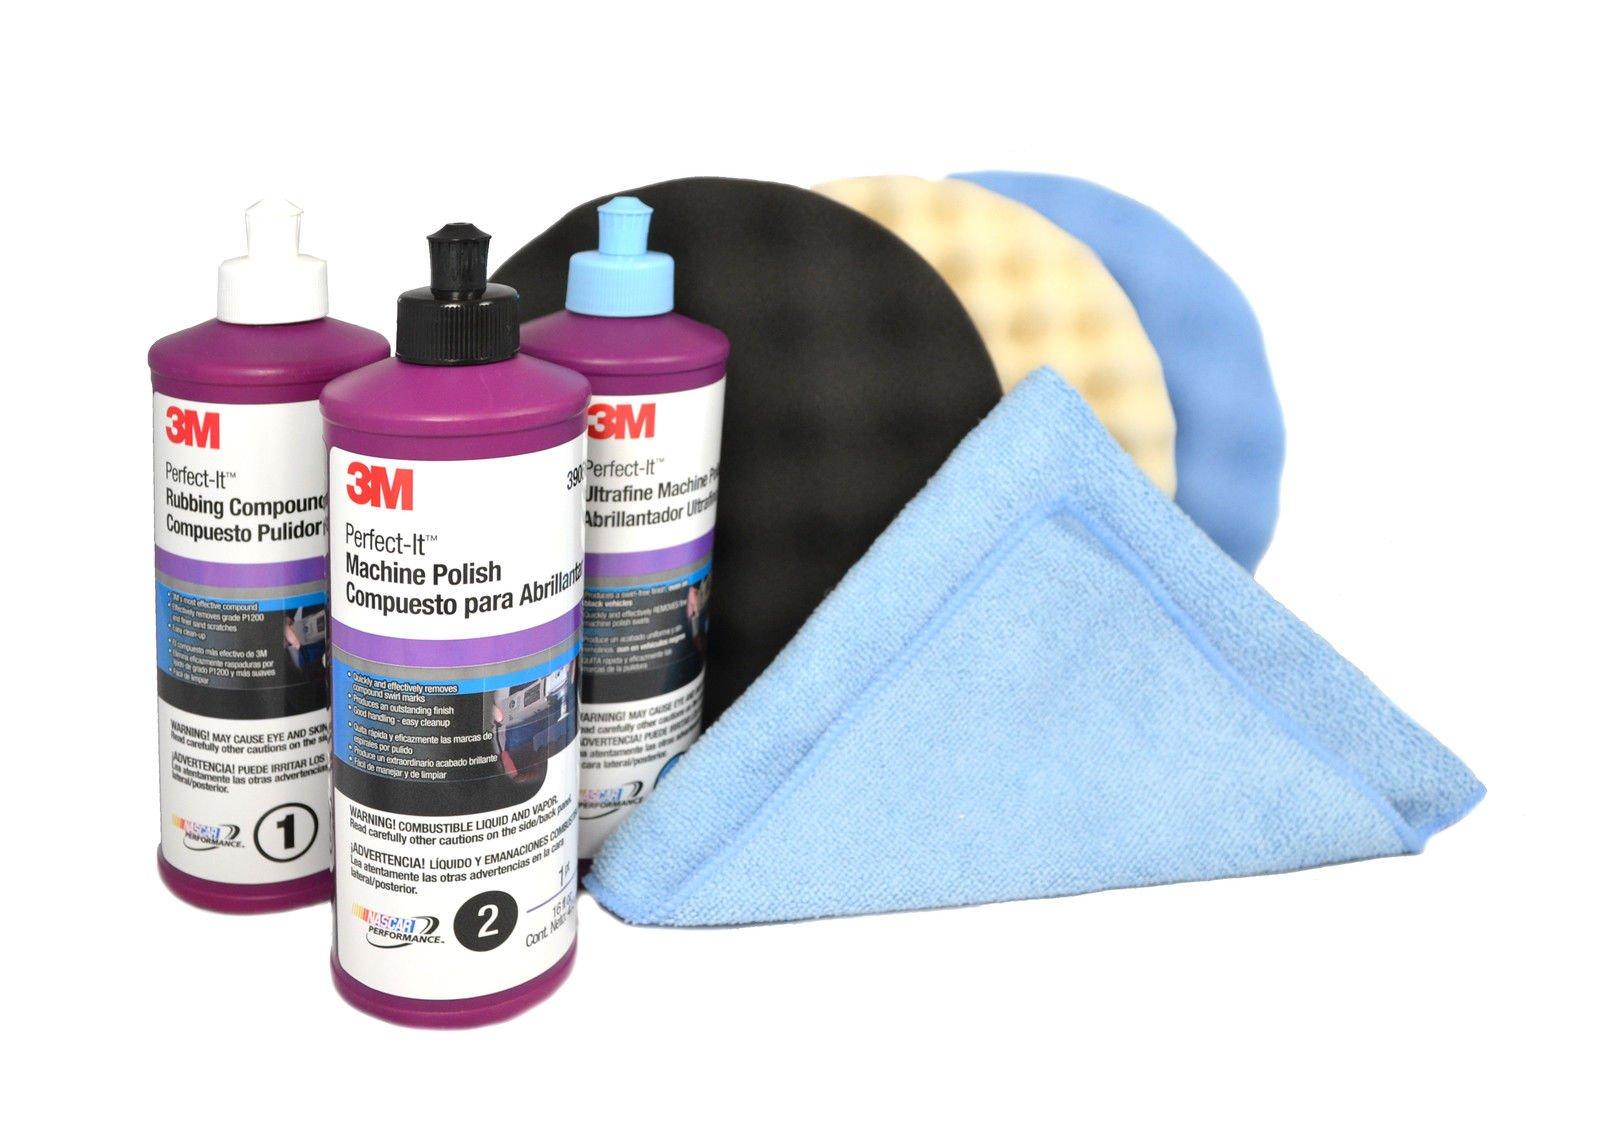 3M Perfect It Buffing & Polishing Kit (39060,39061,39062,5723,5725,5751,6017)